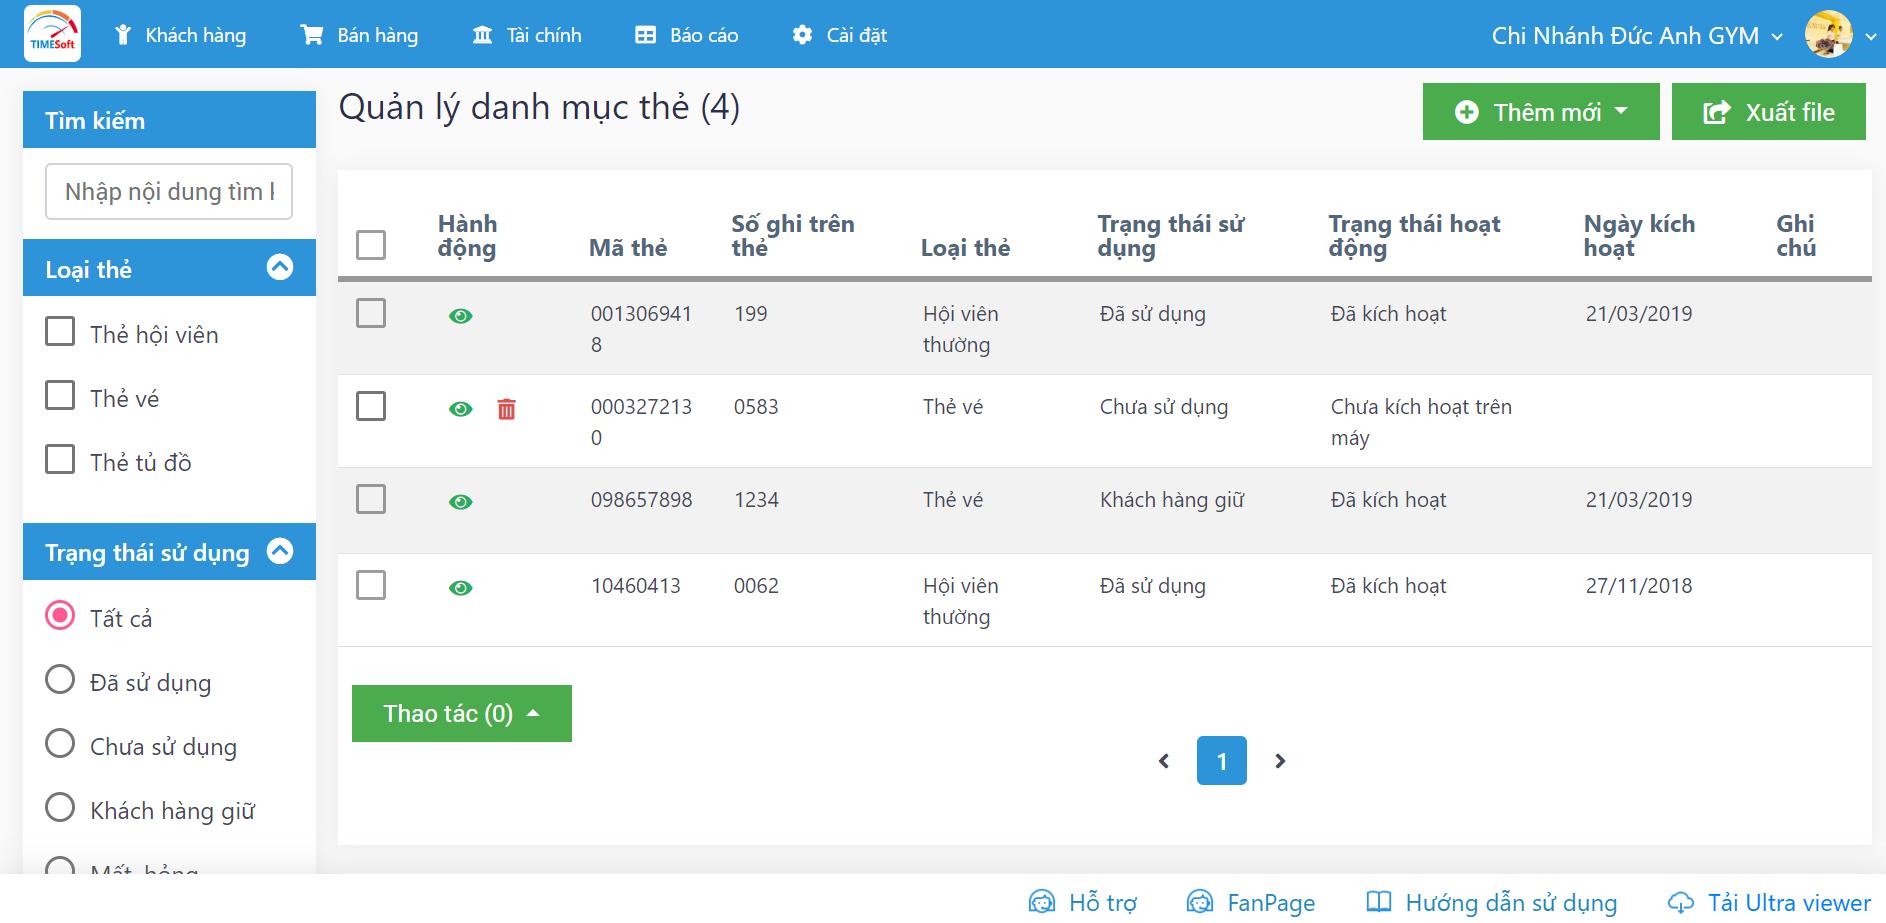 Hướng dẫn cài đặt phần mềm quản lý phòng GYM miễn phí